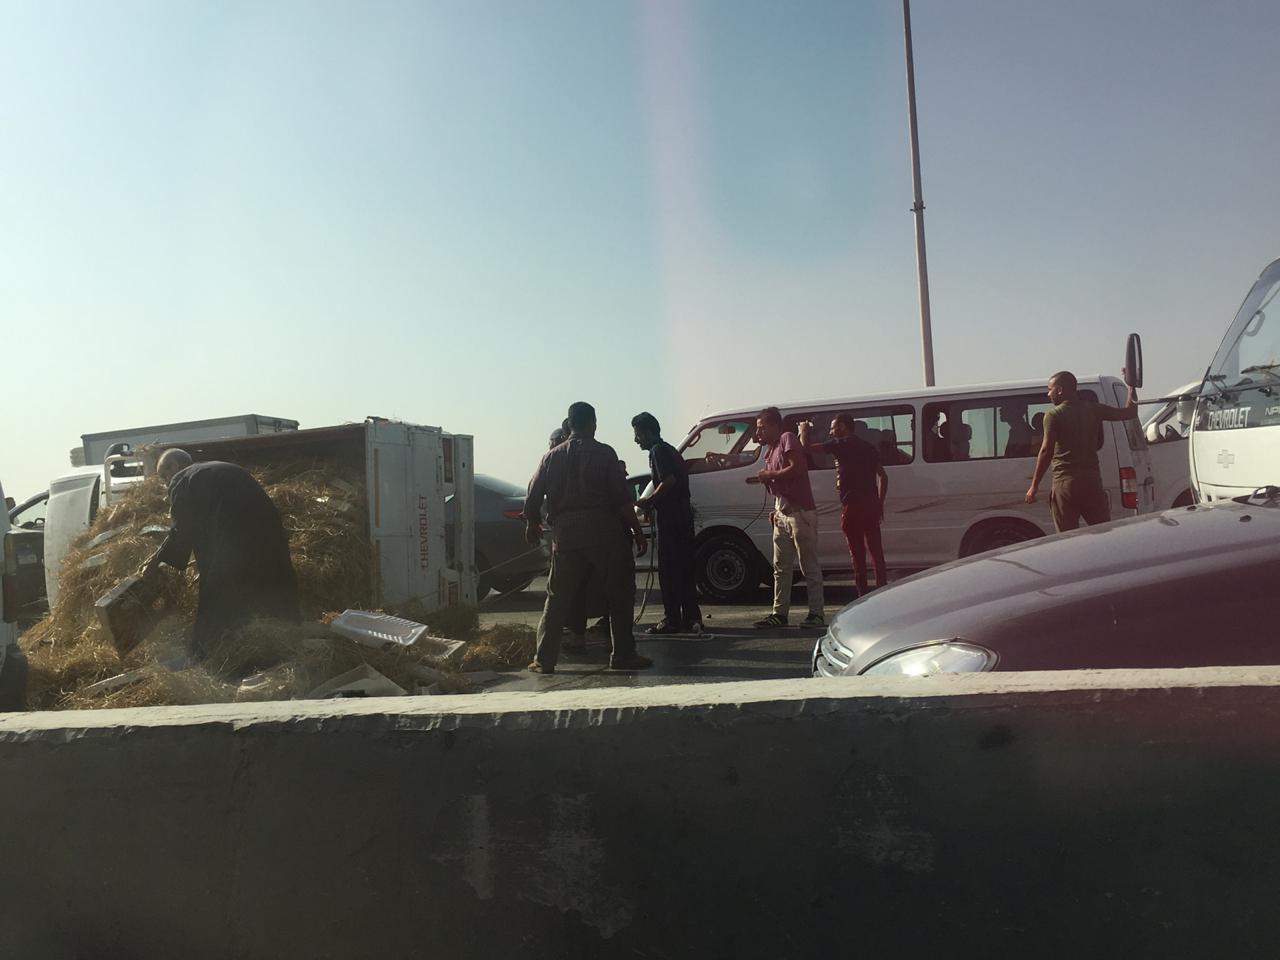 انقلاب سيارة يتسبب في زحام الطريق (3)